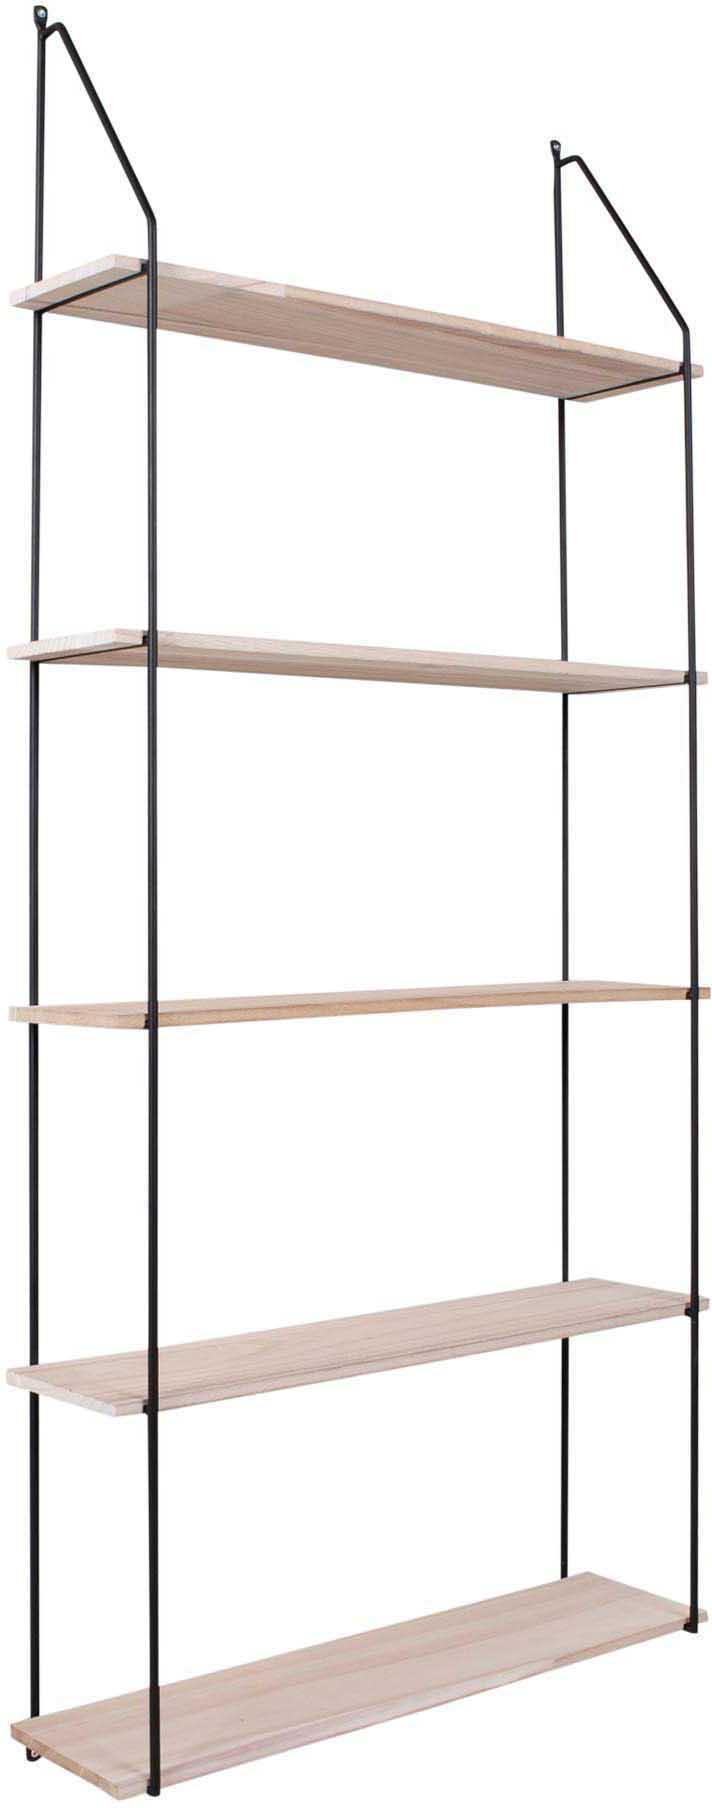 Libreria a muro Eindhoven in legno e metallo, Struttura: acciaio rivestito, Ripiani: legno di paulownia, Nero, legno di paulownia, Larg. 65 x Alt. 145 cm